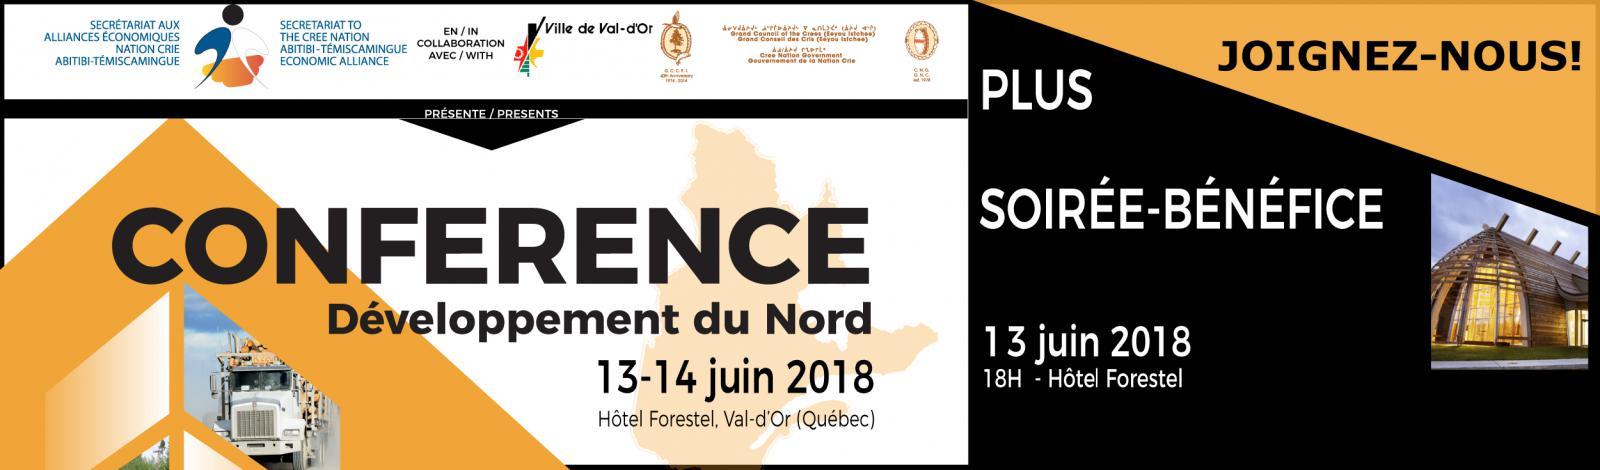 Conférence Développement du Nord